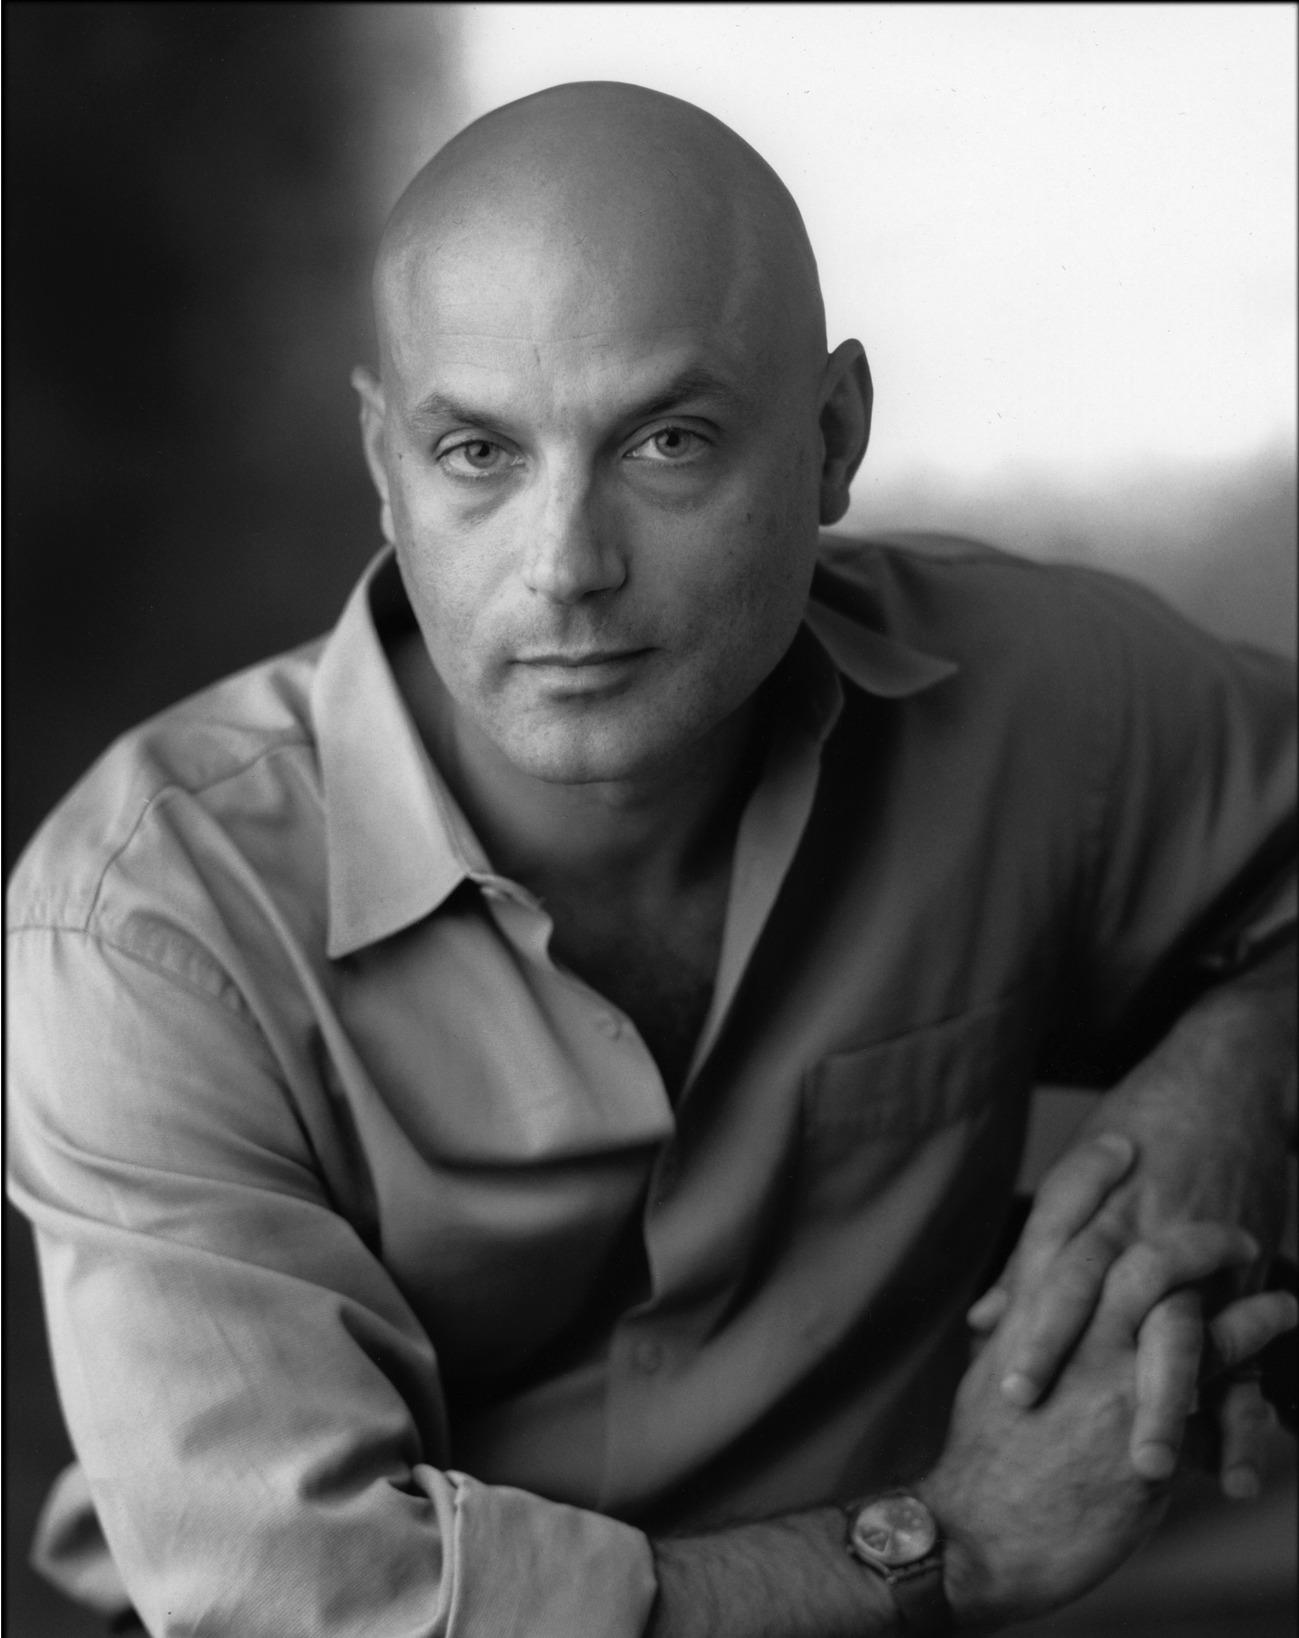 Matt Mendelsohn